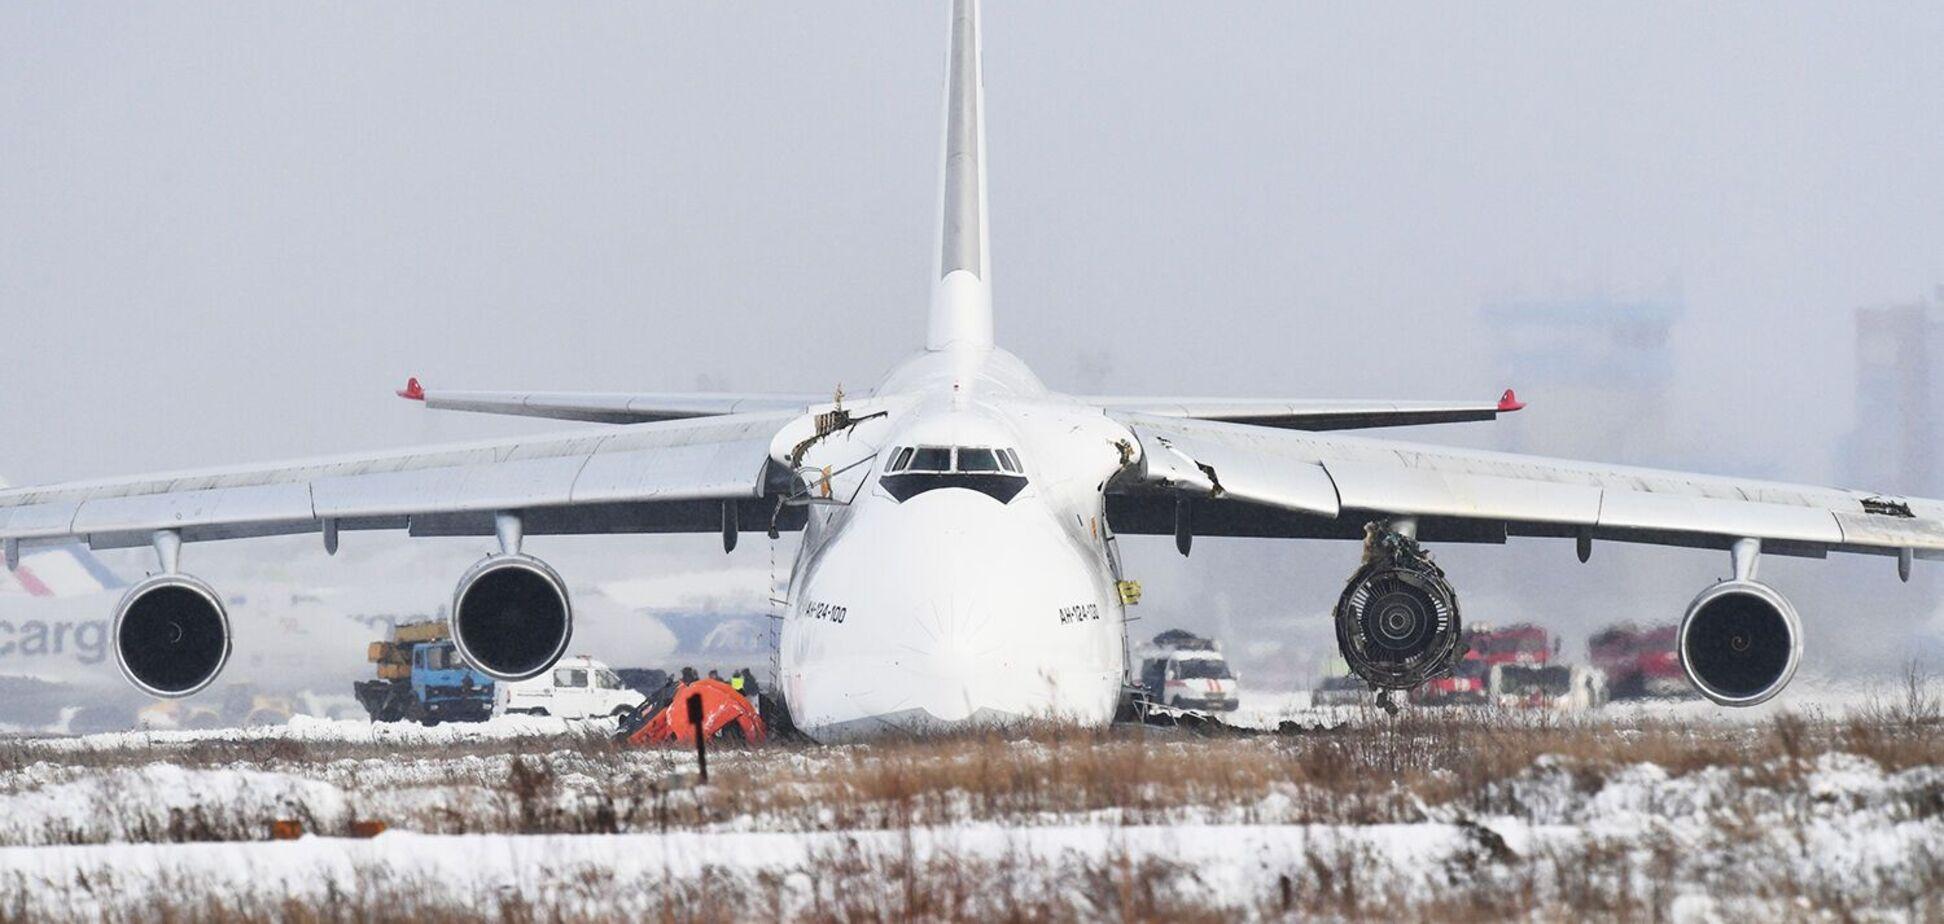 Самолет 'Руслан' получил повреждения при аварийной посадке в Новосибирске